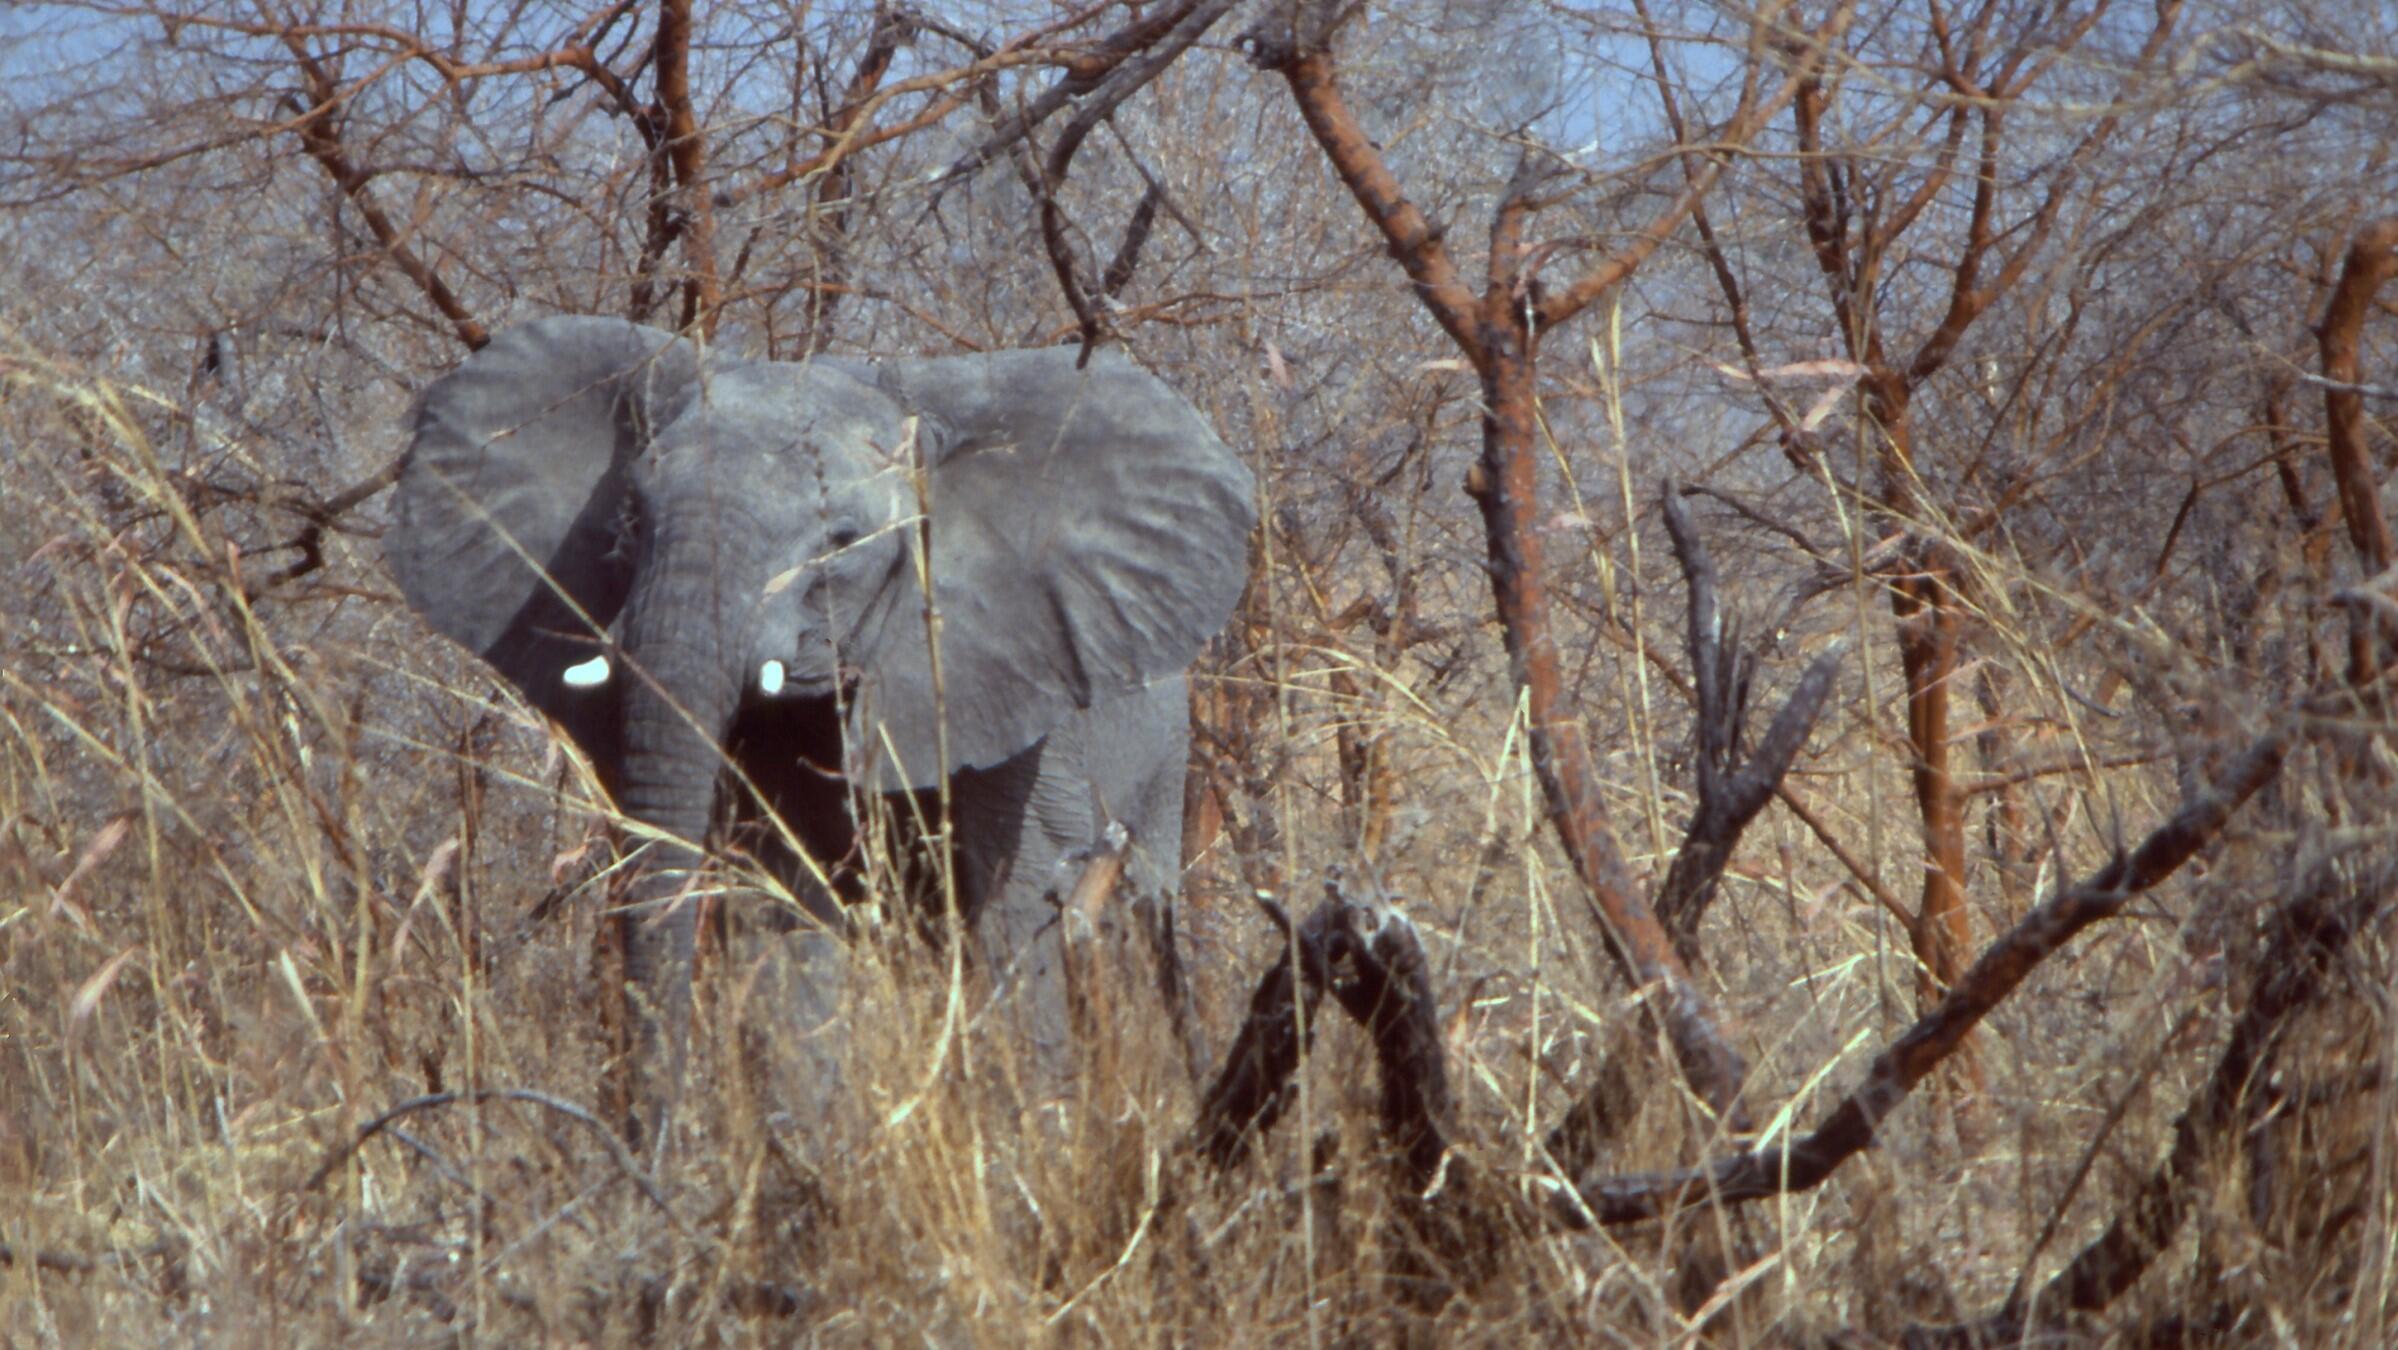 Un éléphant dans le parc national de Waza au Cameroun, d'où proviennent les éléphants aperçus au Niger (image d'illustration).